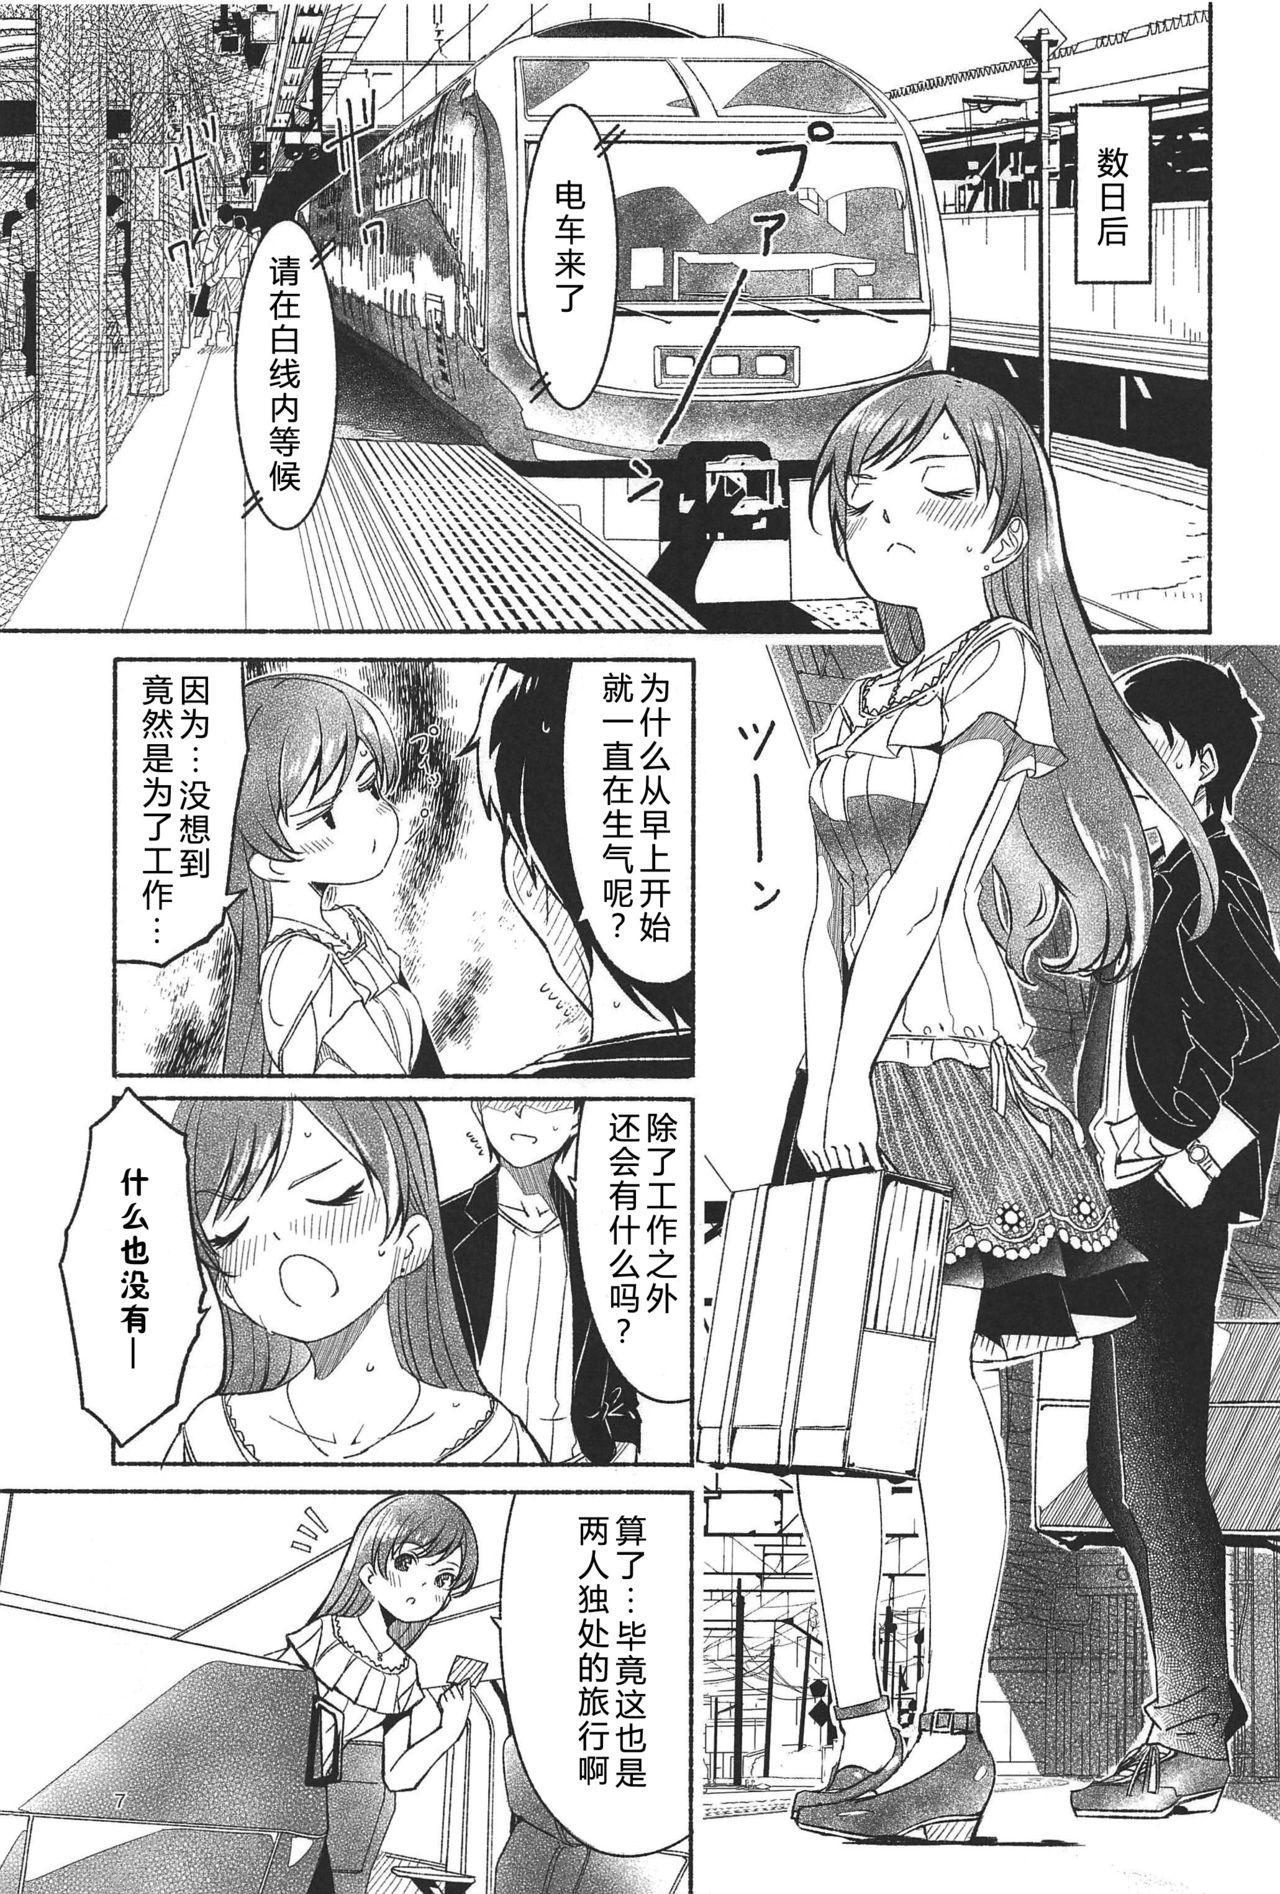 Nagisa no Hanayome 8